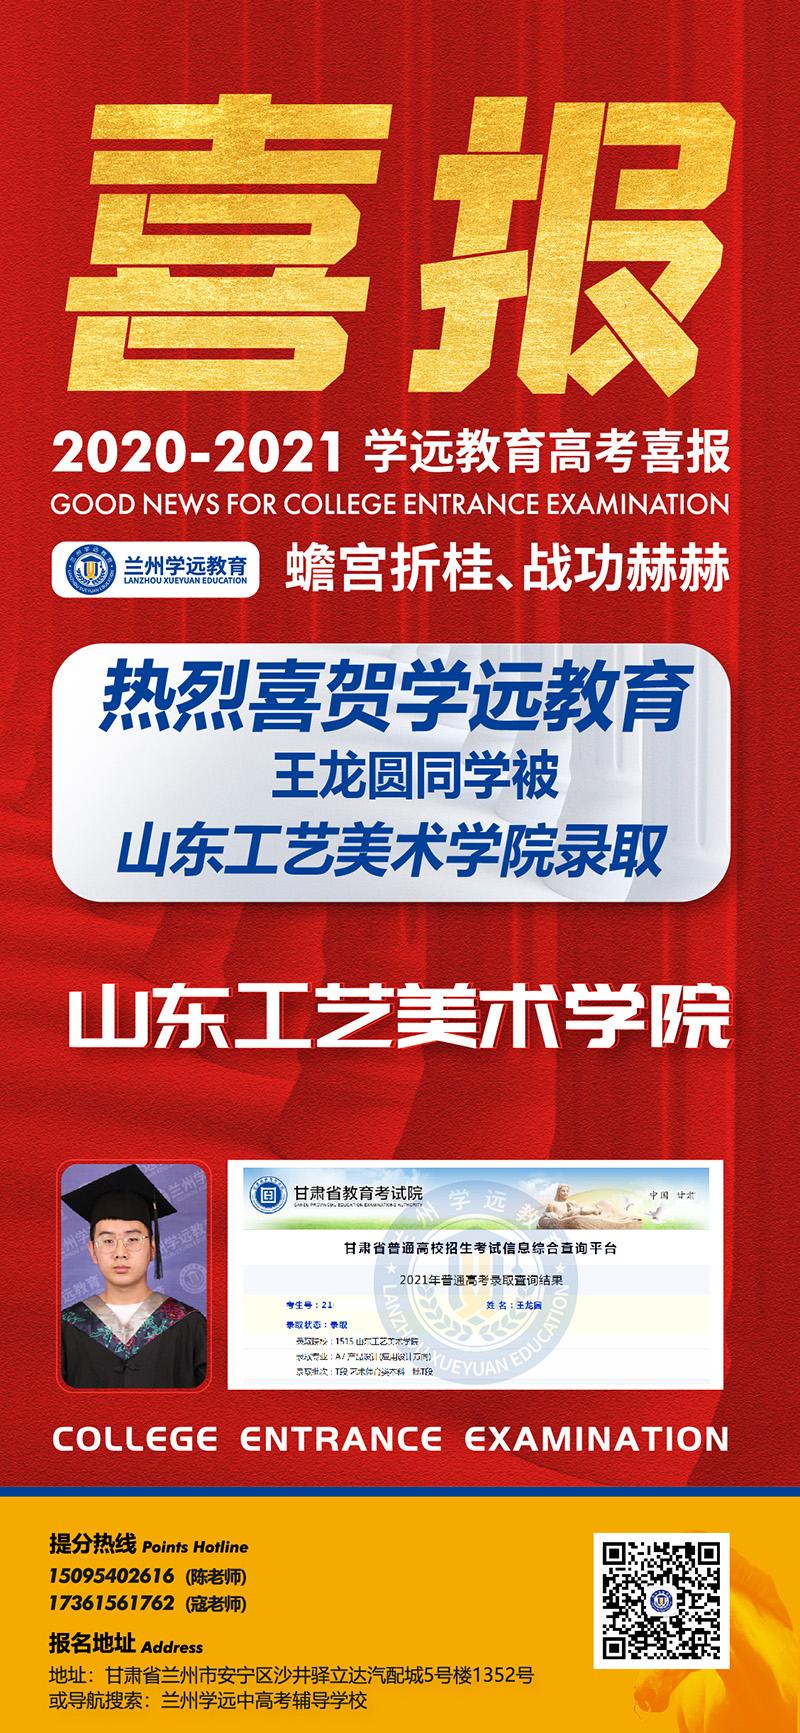 王龙圆同学被山东工艺美术学院录取